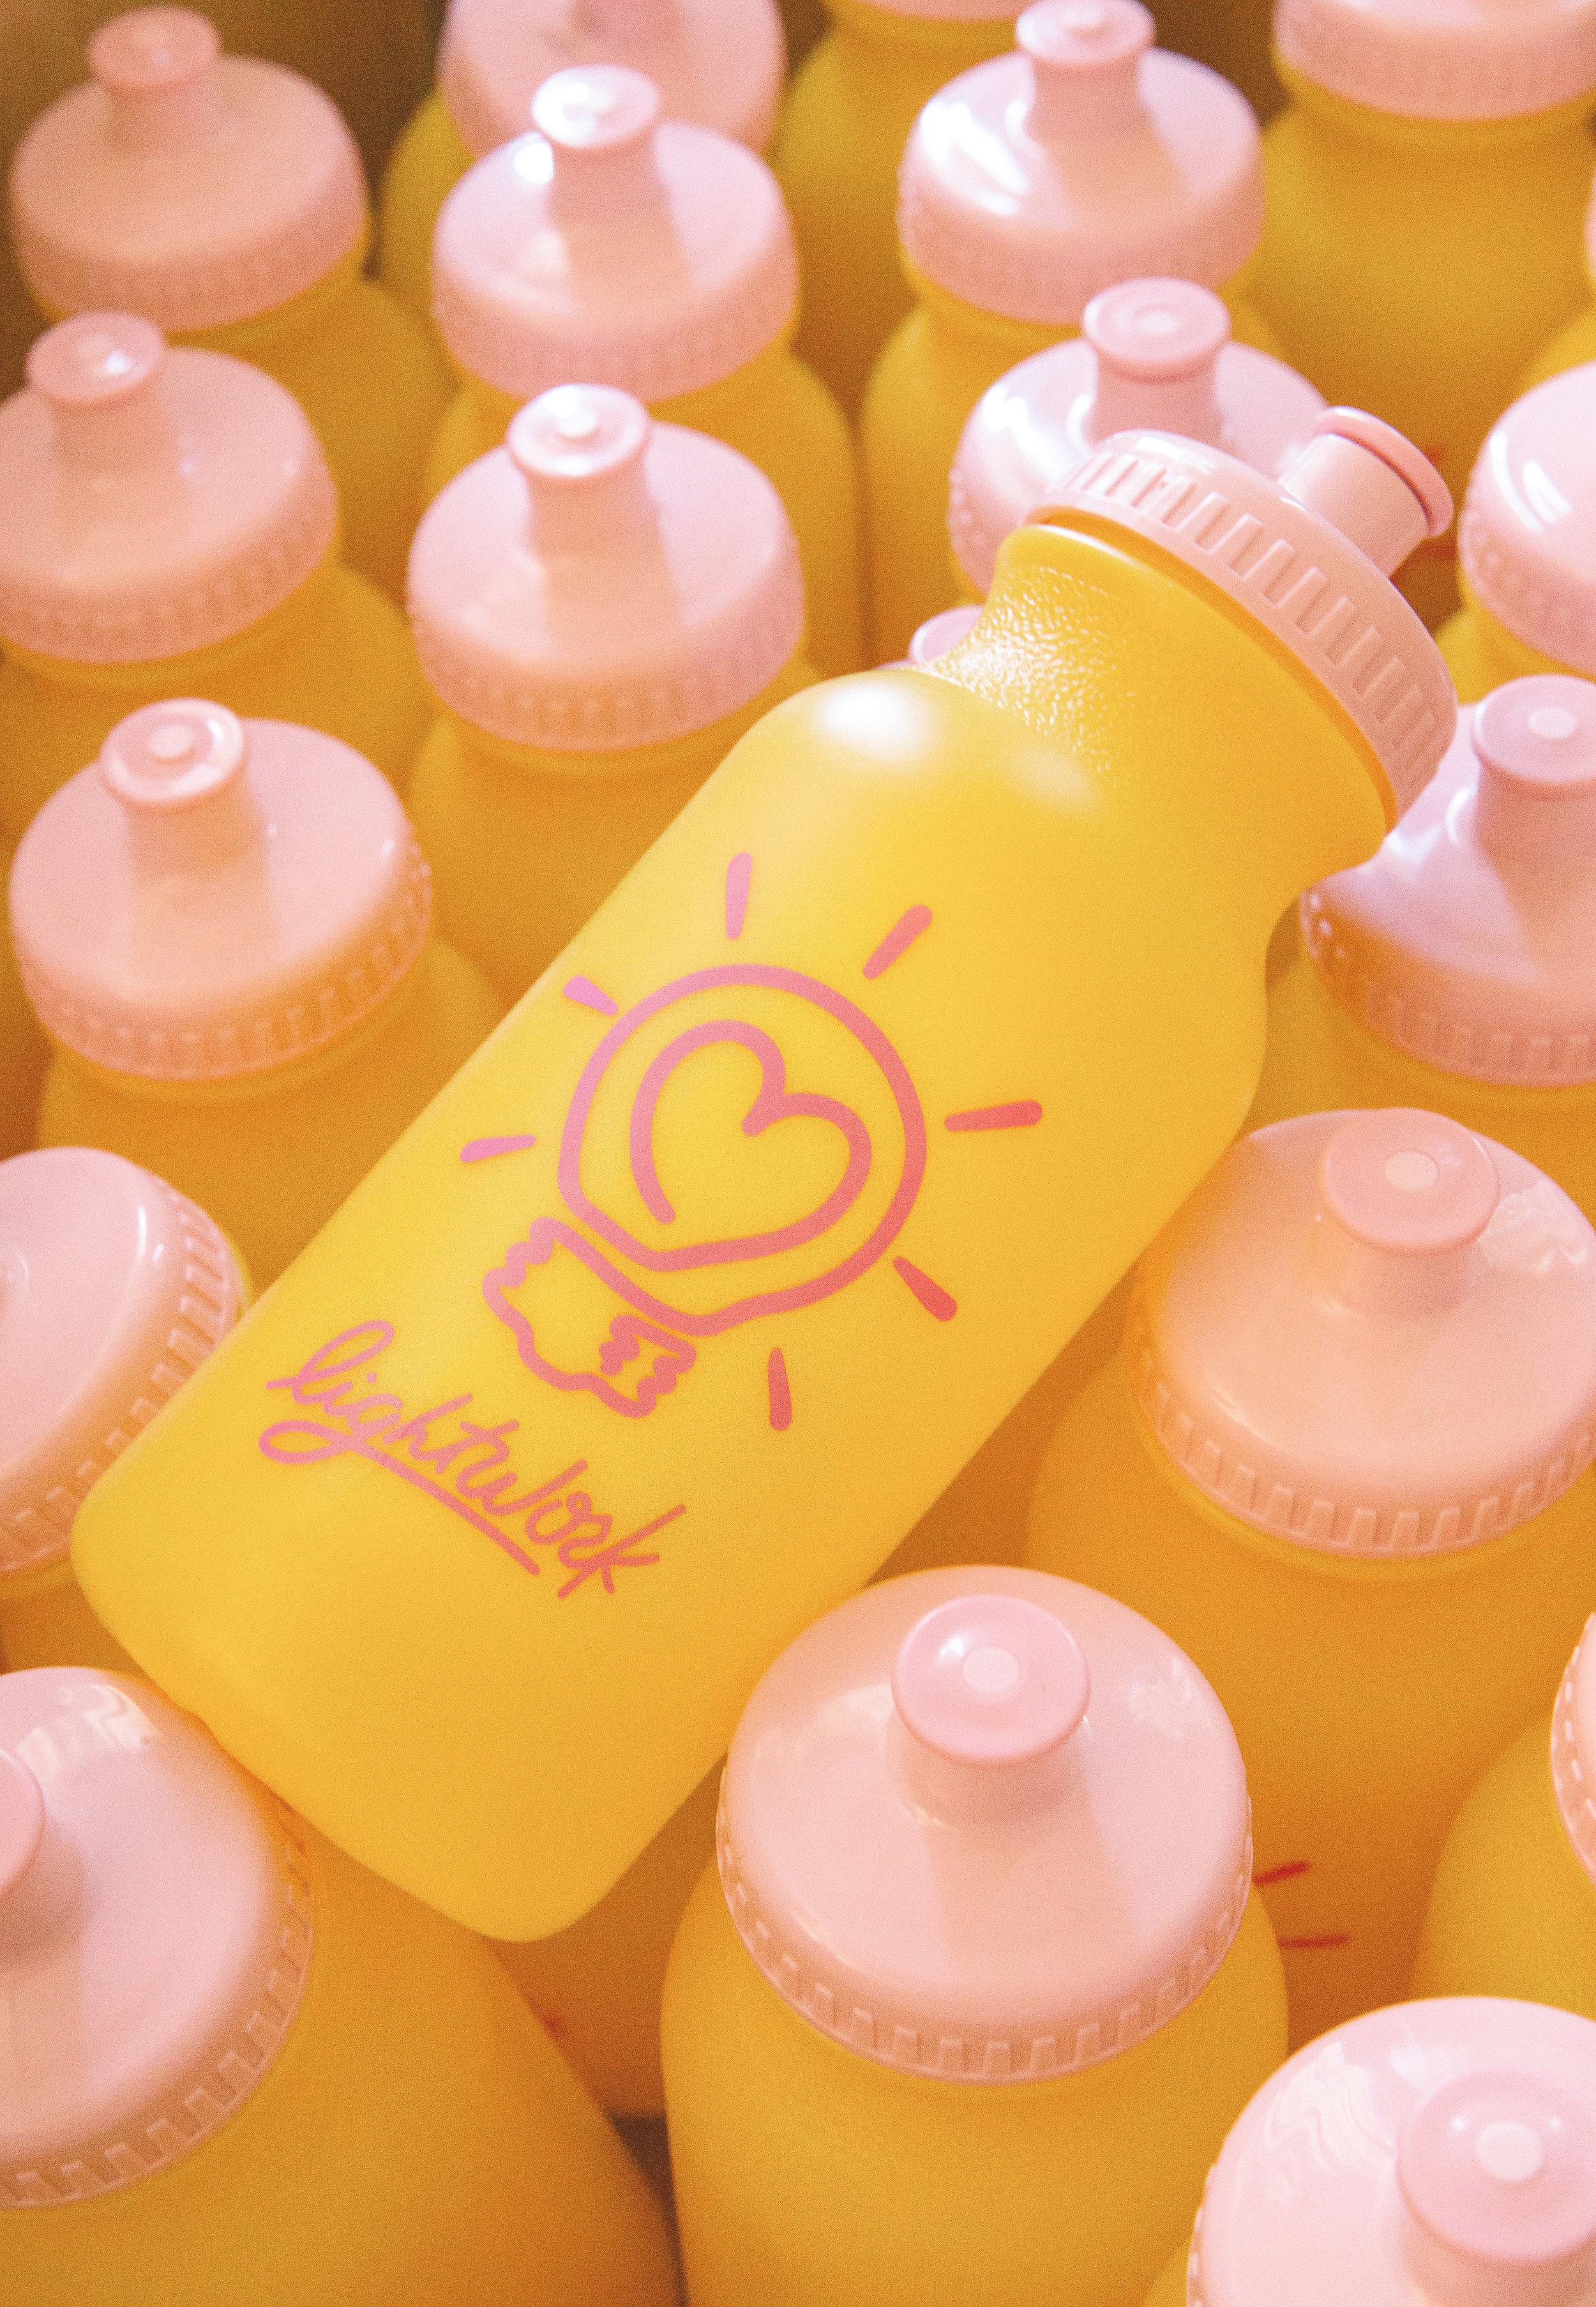 bottledetail.jpg